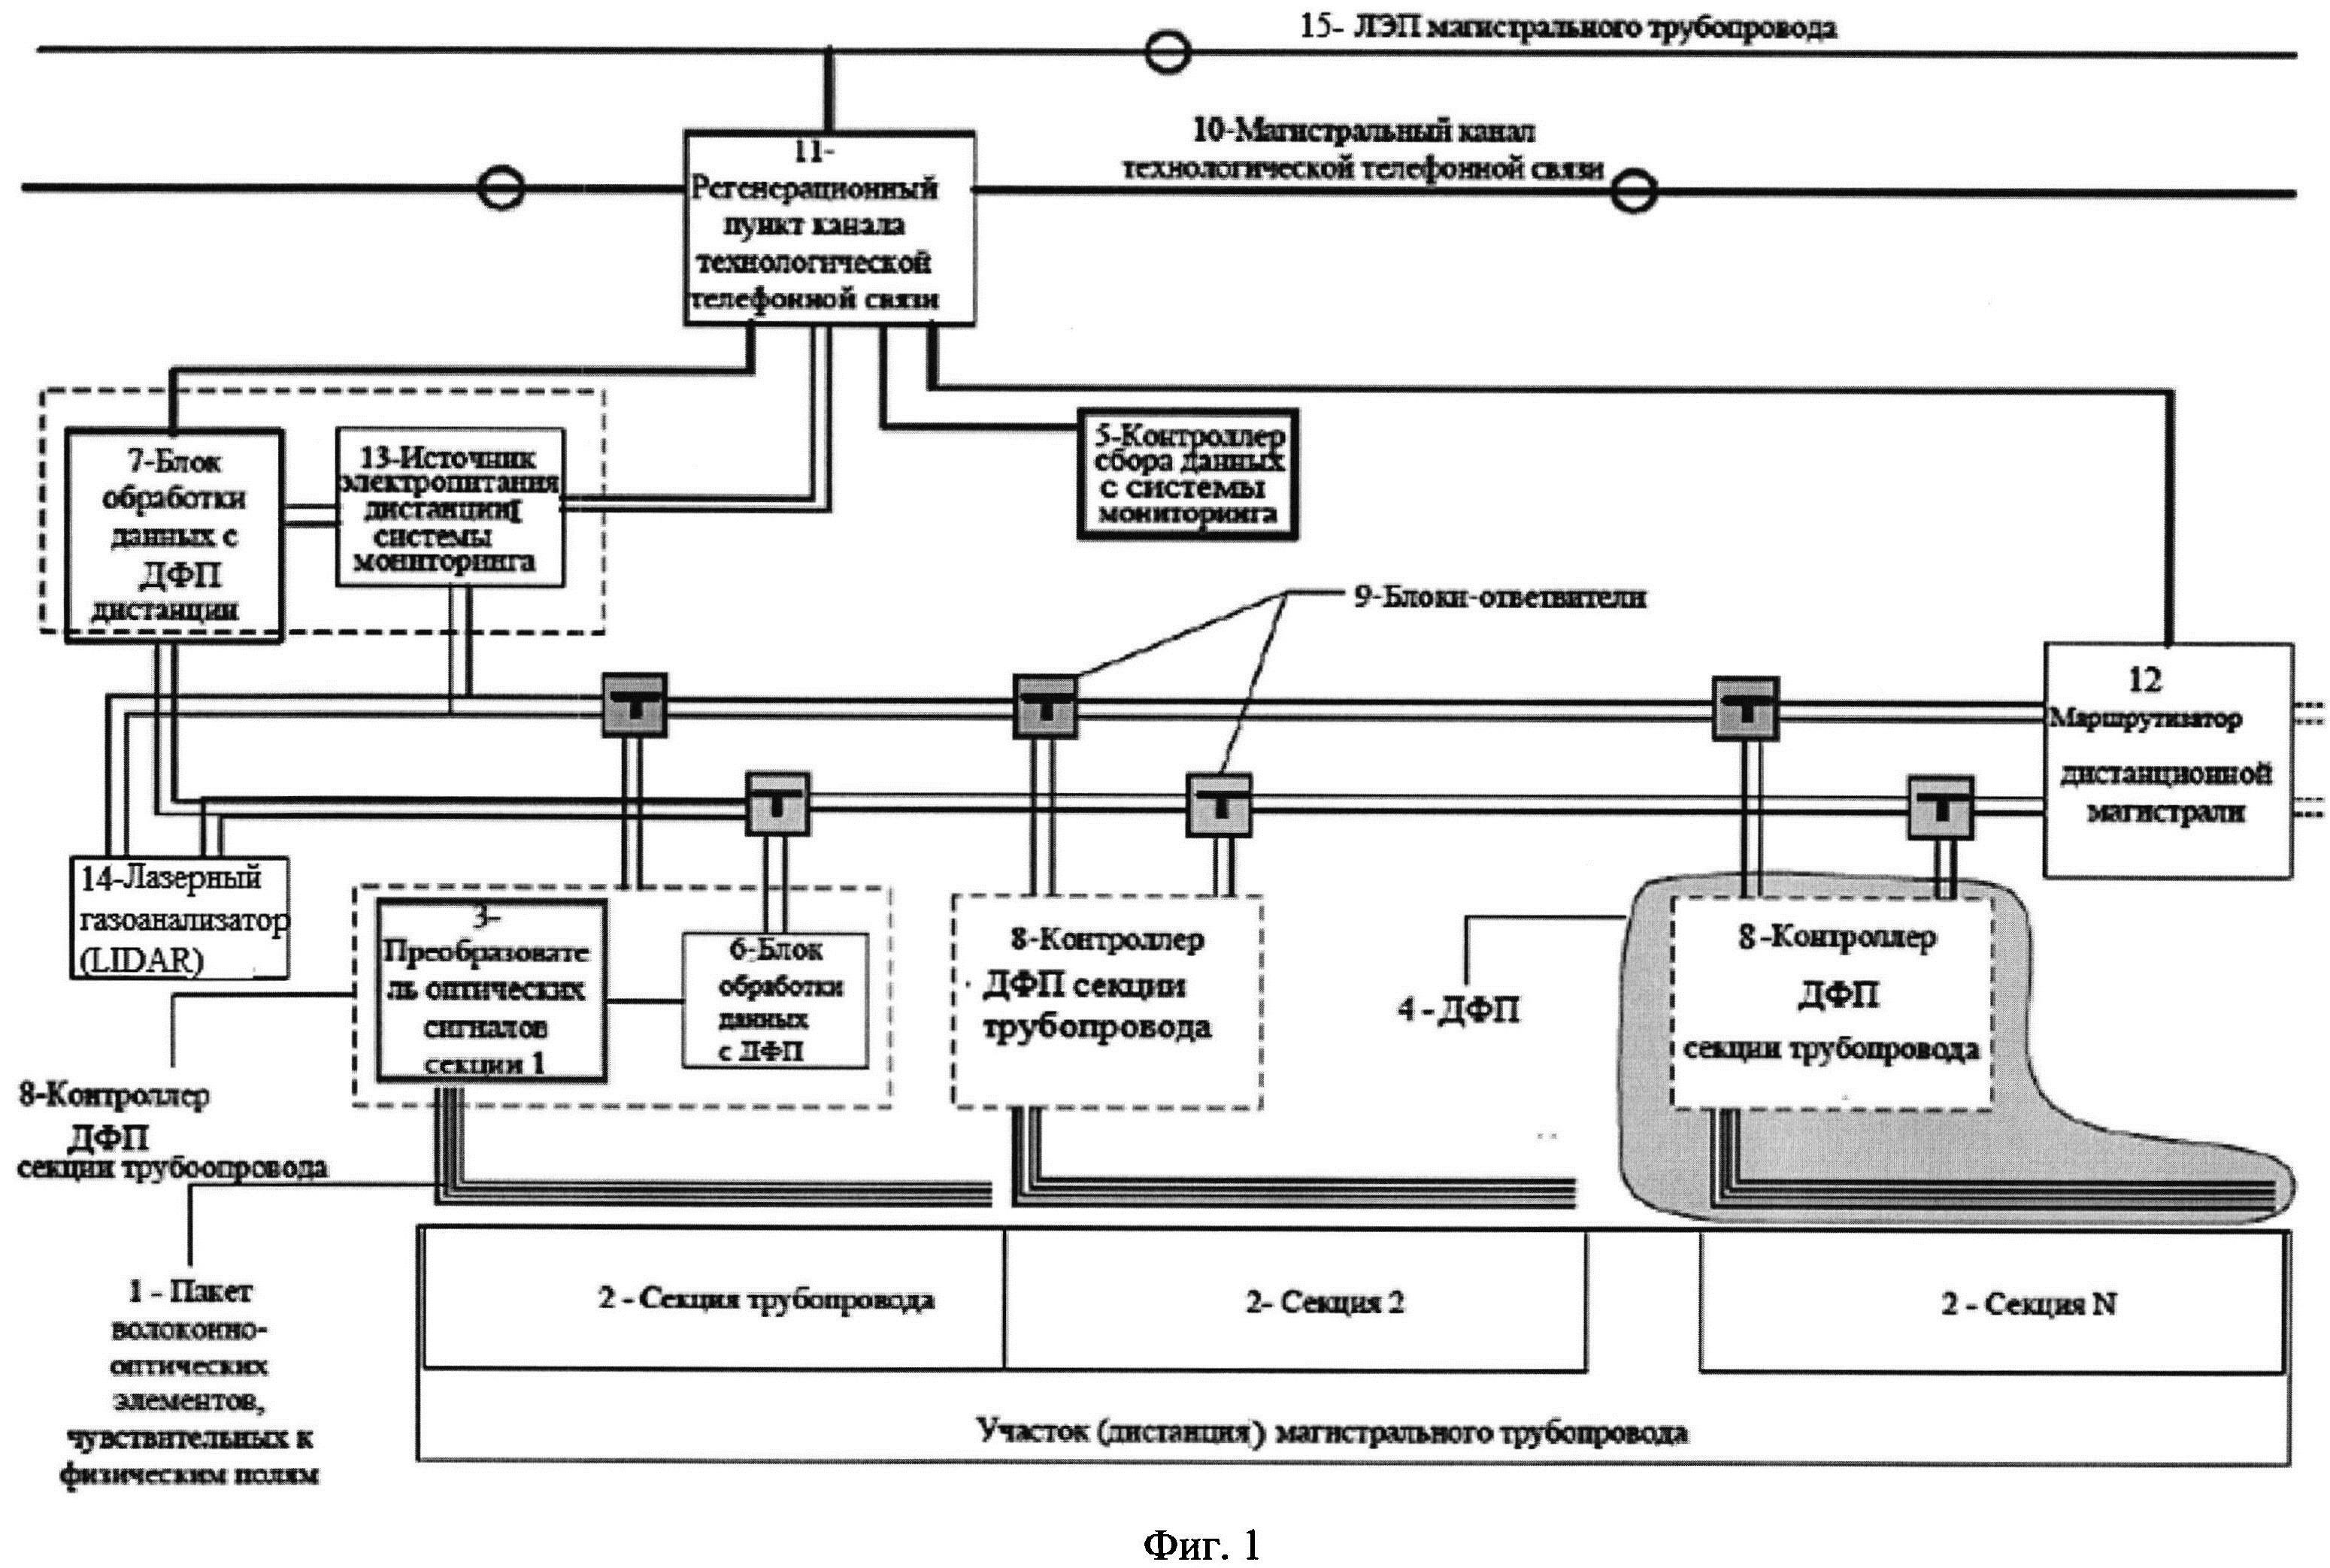 Общая магистраль системы мониторинга технического состояния магистрального трубопровода